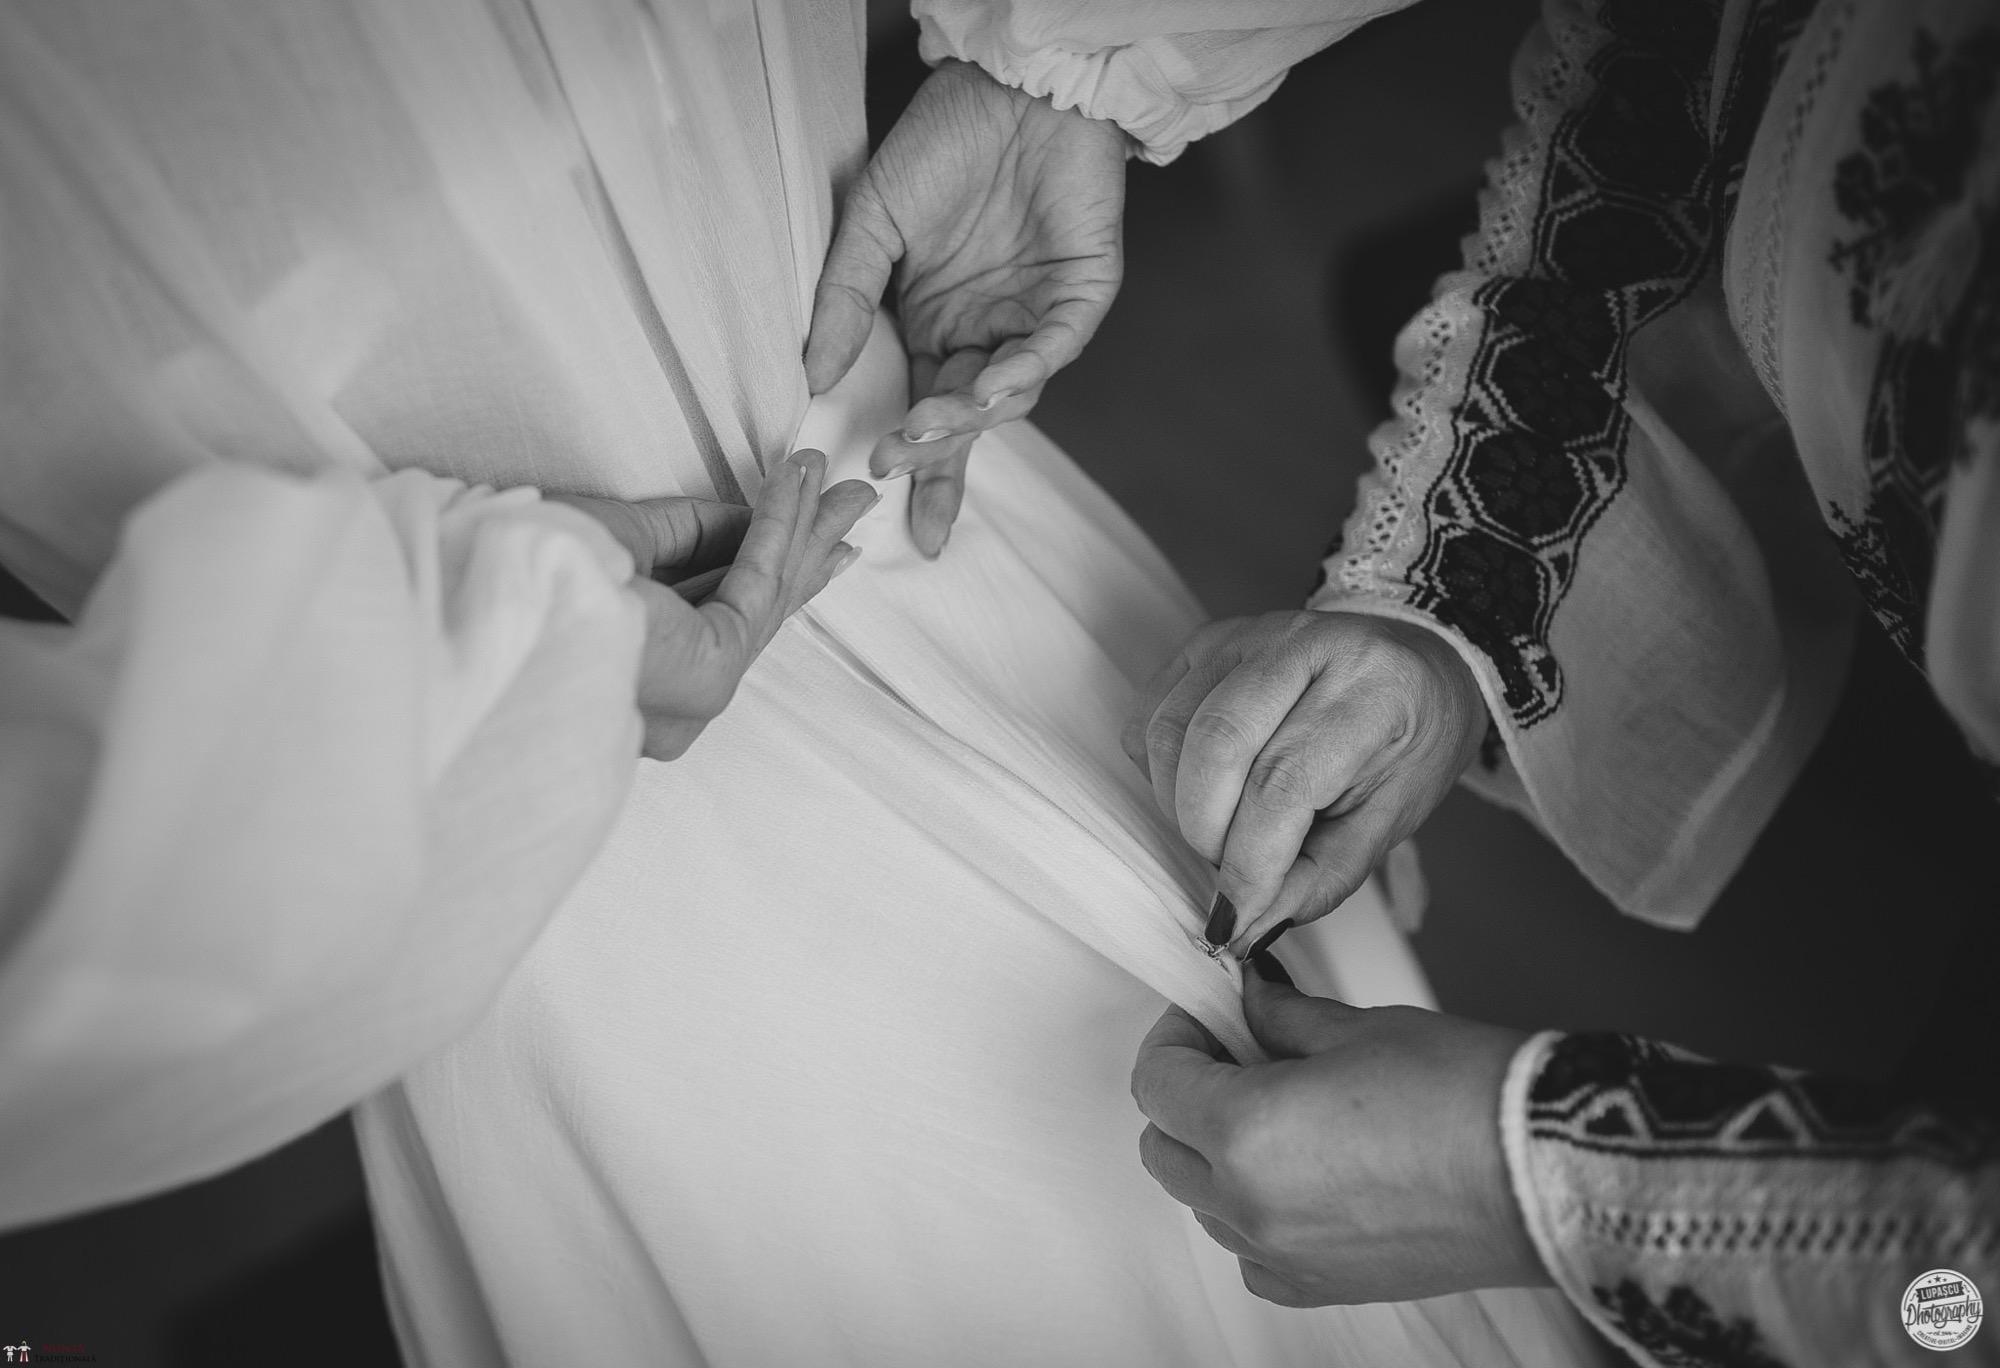 Povești Nunți Tradiționale - Georgiana și Adrian. Nuntă tradițională în București. 10